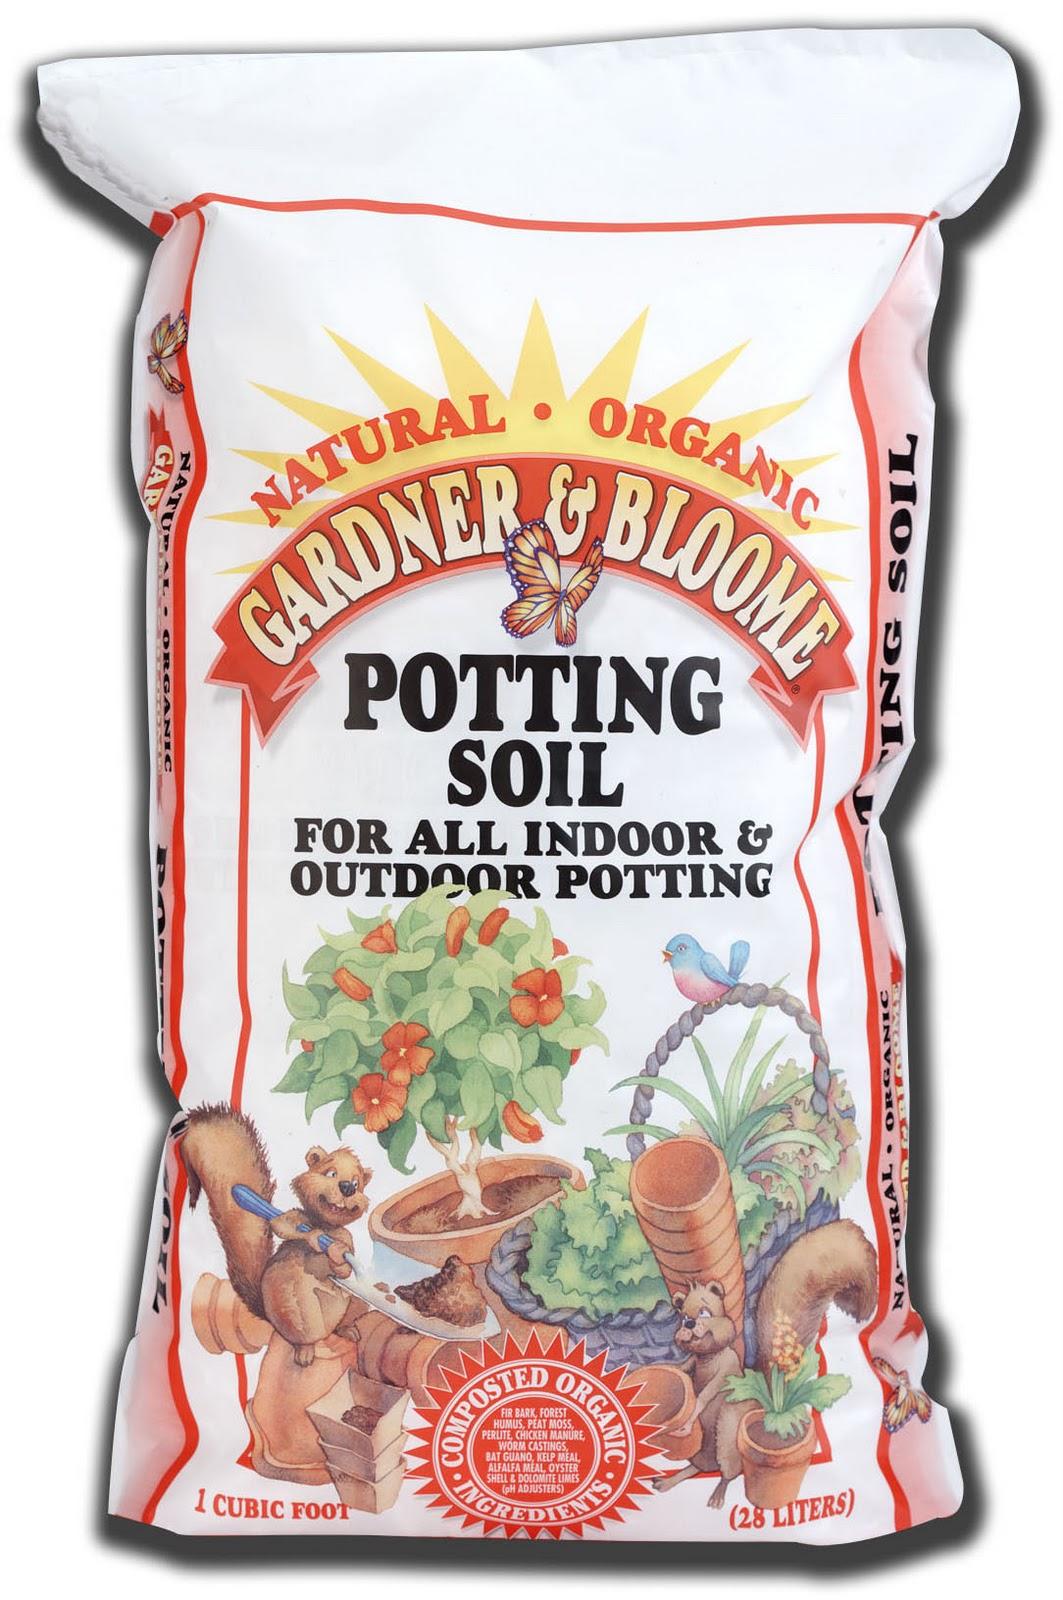 Camino garden center our soils - Nature s care organic garden soil ...